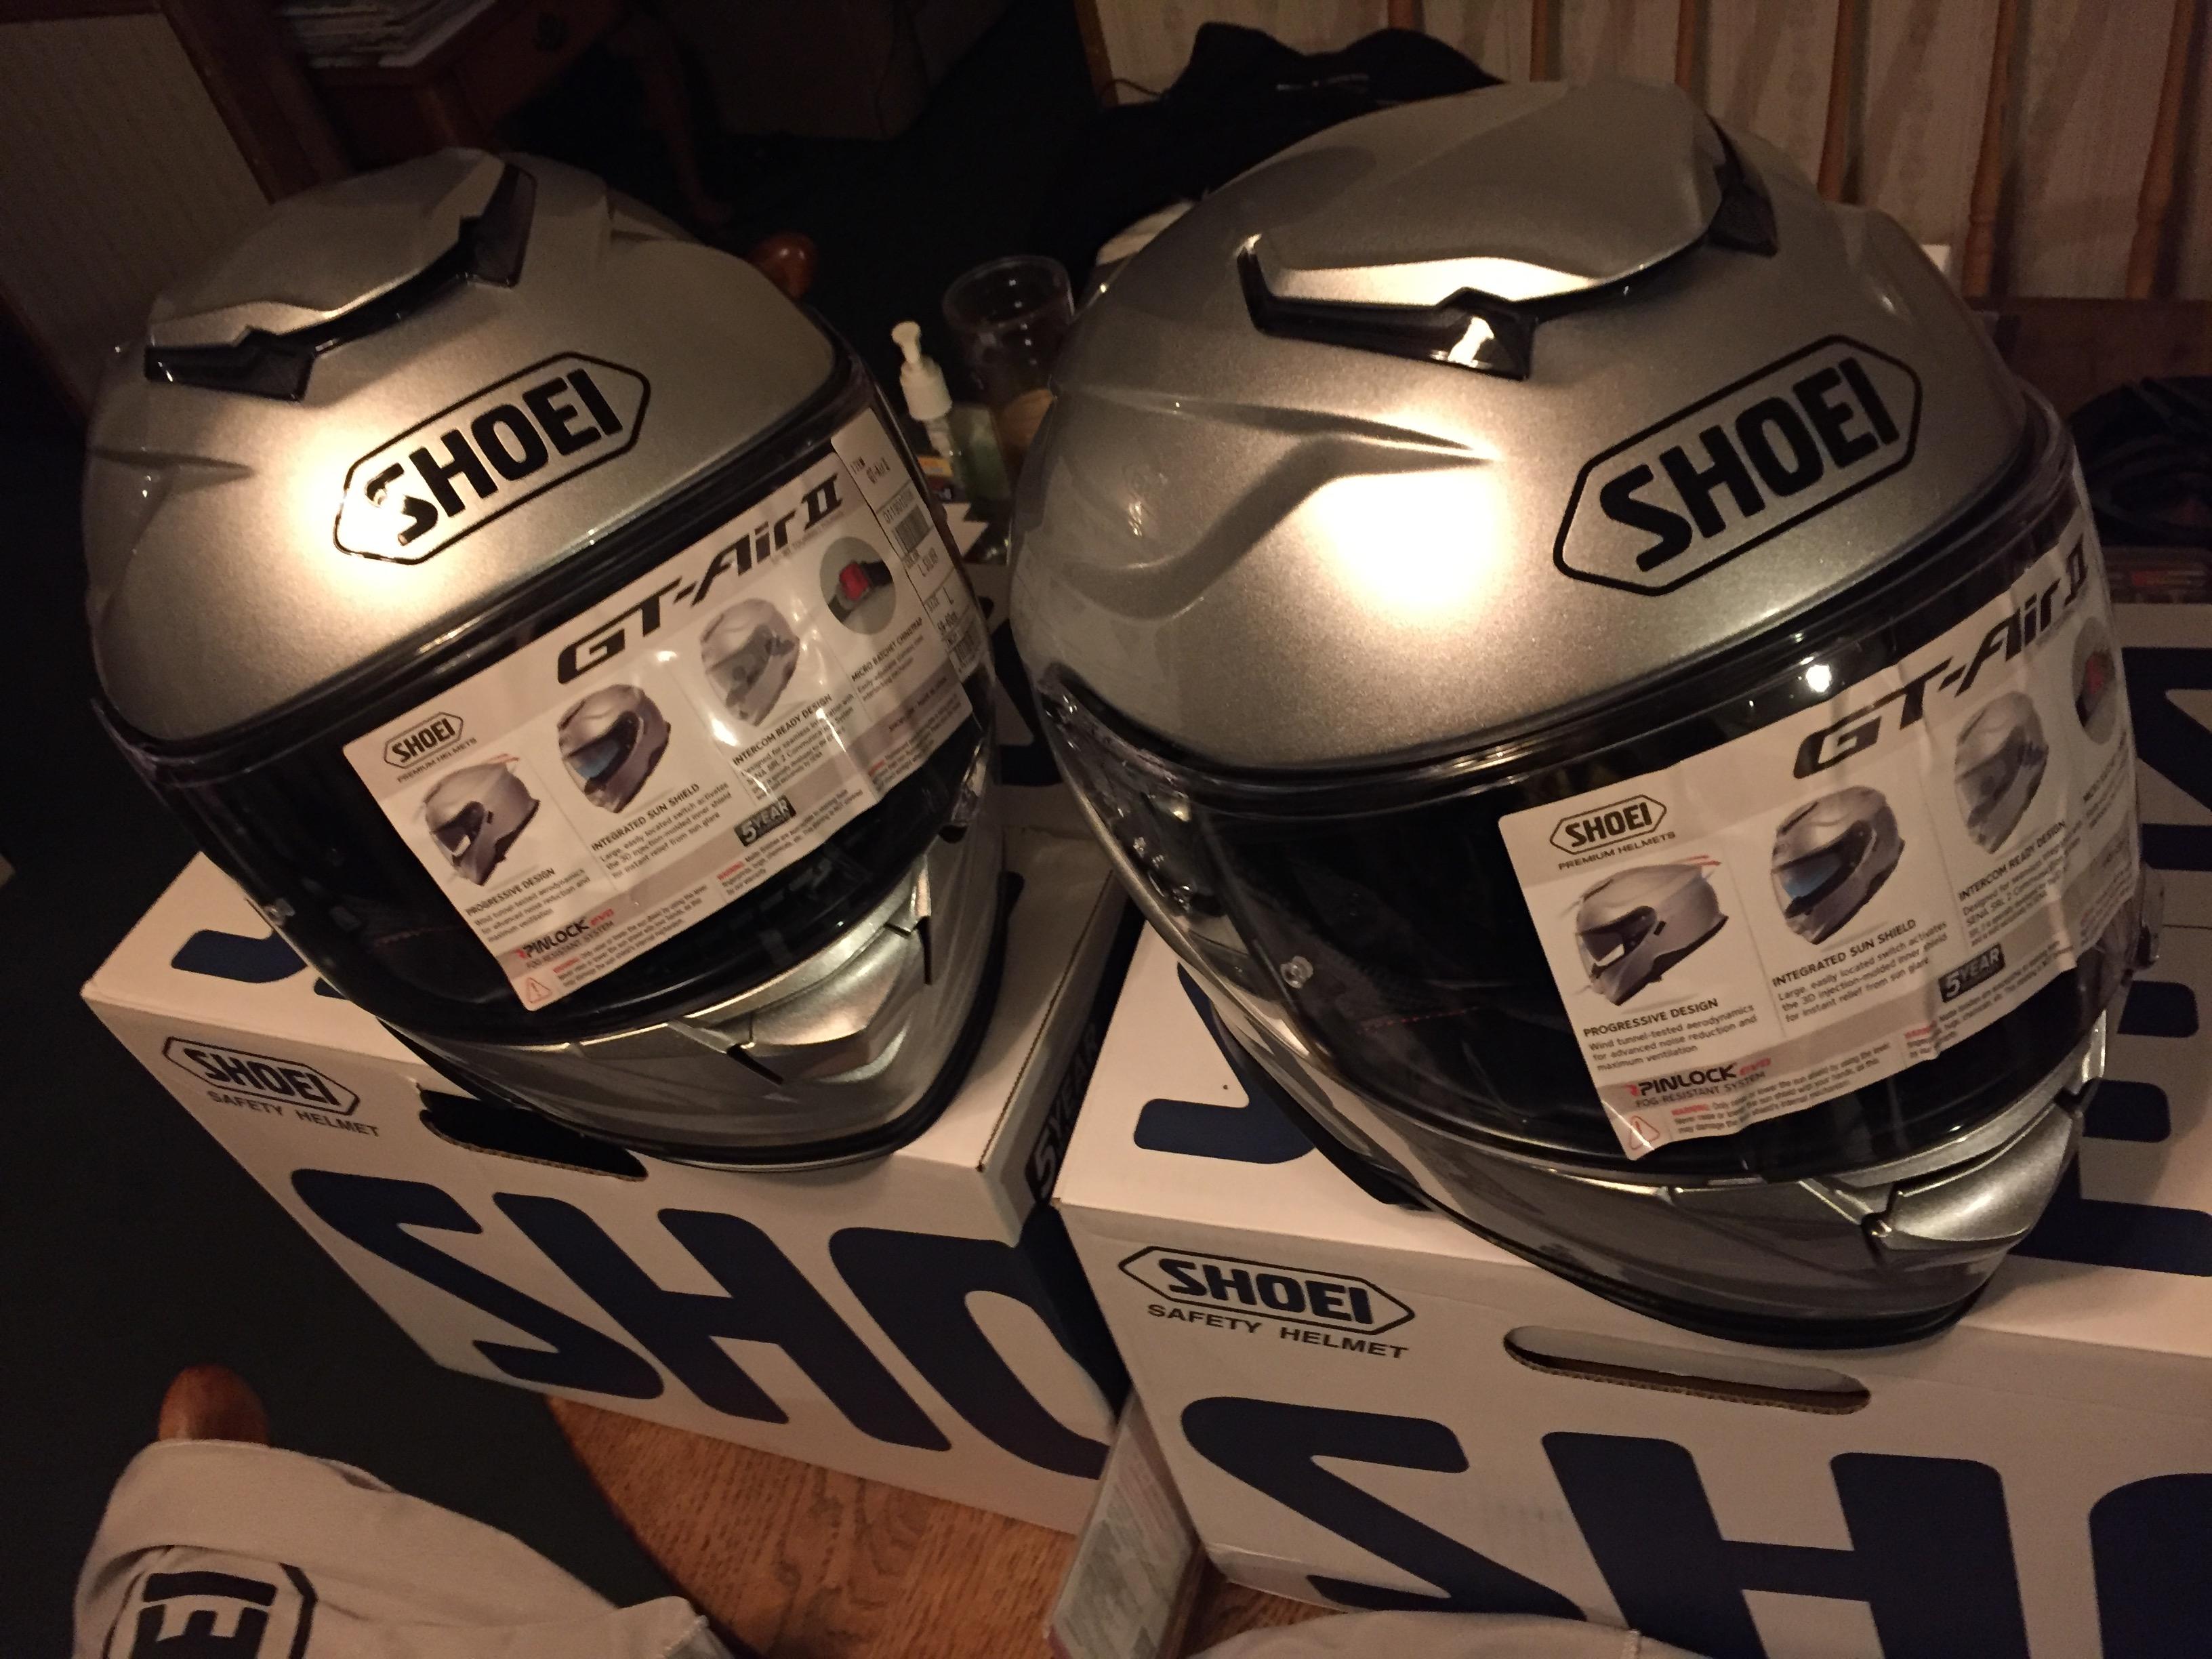 shoei helmet-img_5006.jpg